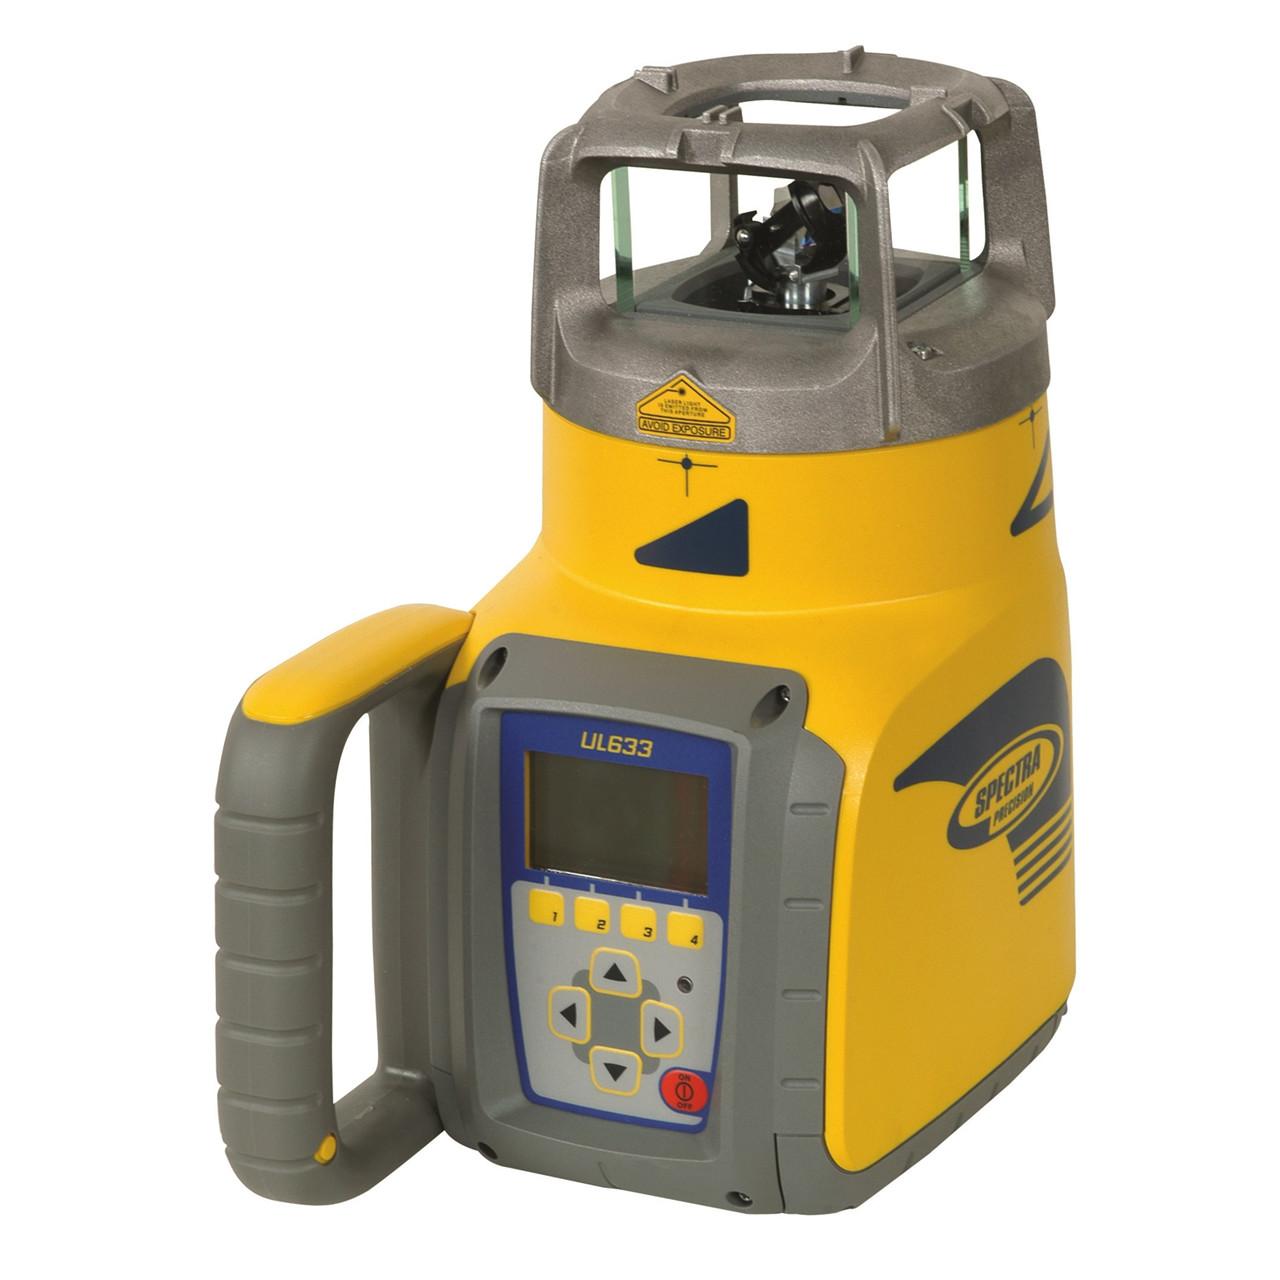 SPECTRA Rotationslaser UL633 m/spotfinder - Værktøj -> Laser og måleinstrumenter -> Laser -> Digitale rotationslaser|Værktøj -> Laser og måleinstrumenter -> Laser -> Cirkellaser|Værktøj -> Laser og måleinstrumenter -> Laser -> Rørlægningslaser|Værktøj -> Laser og målei